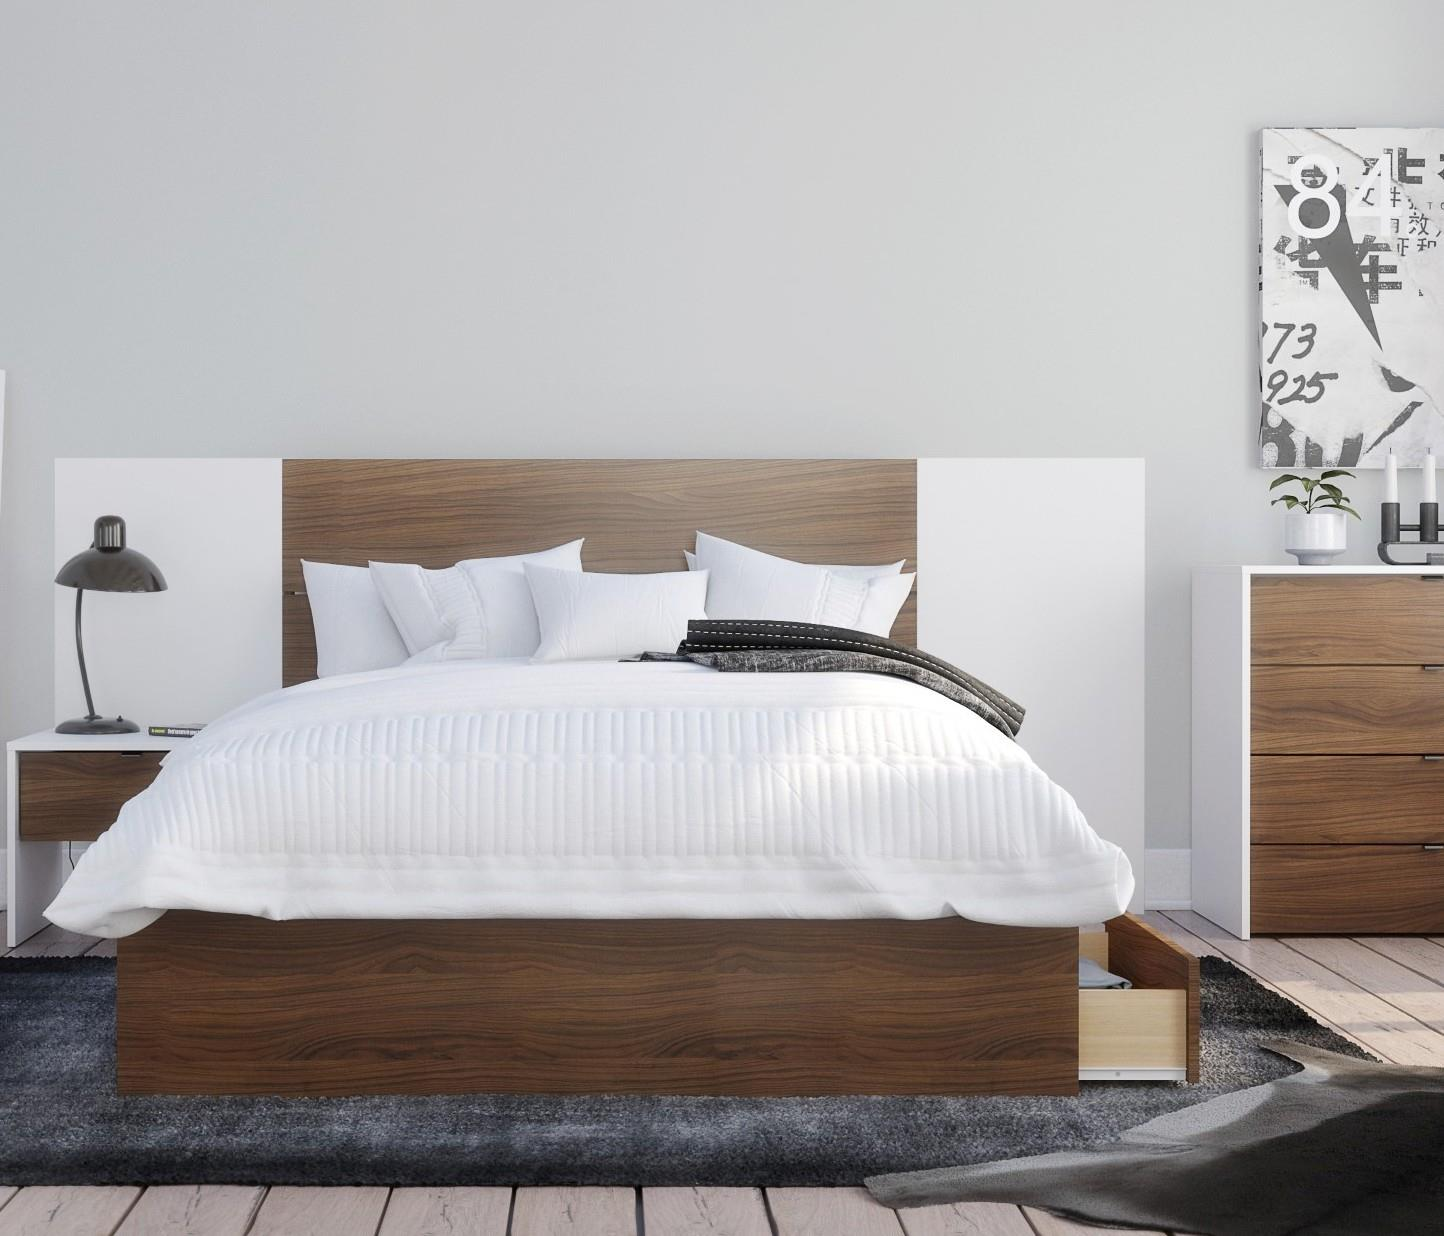 Foliage Full Size Bedroom Set #402093 from Nexera, White melamine and  walnut laminate finish. When buying online